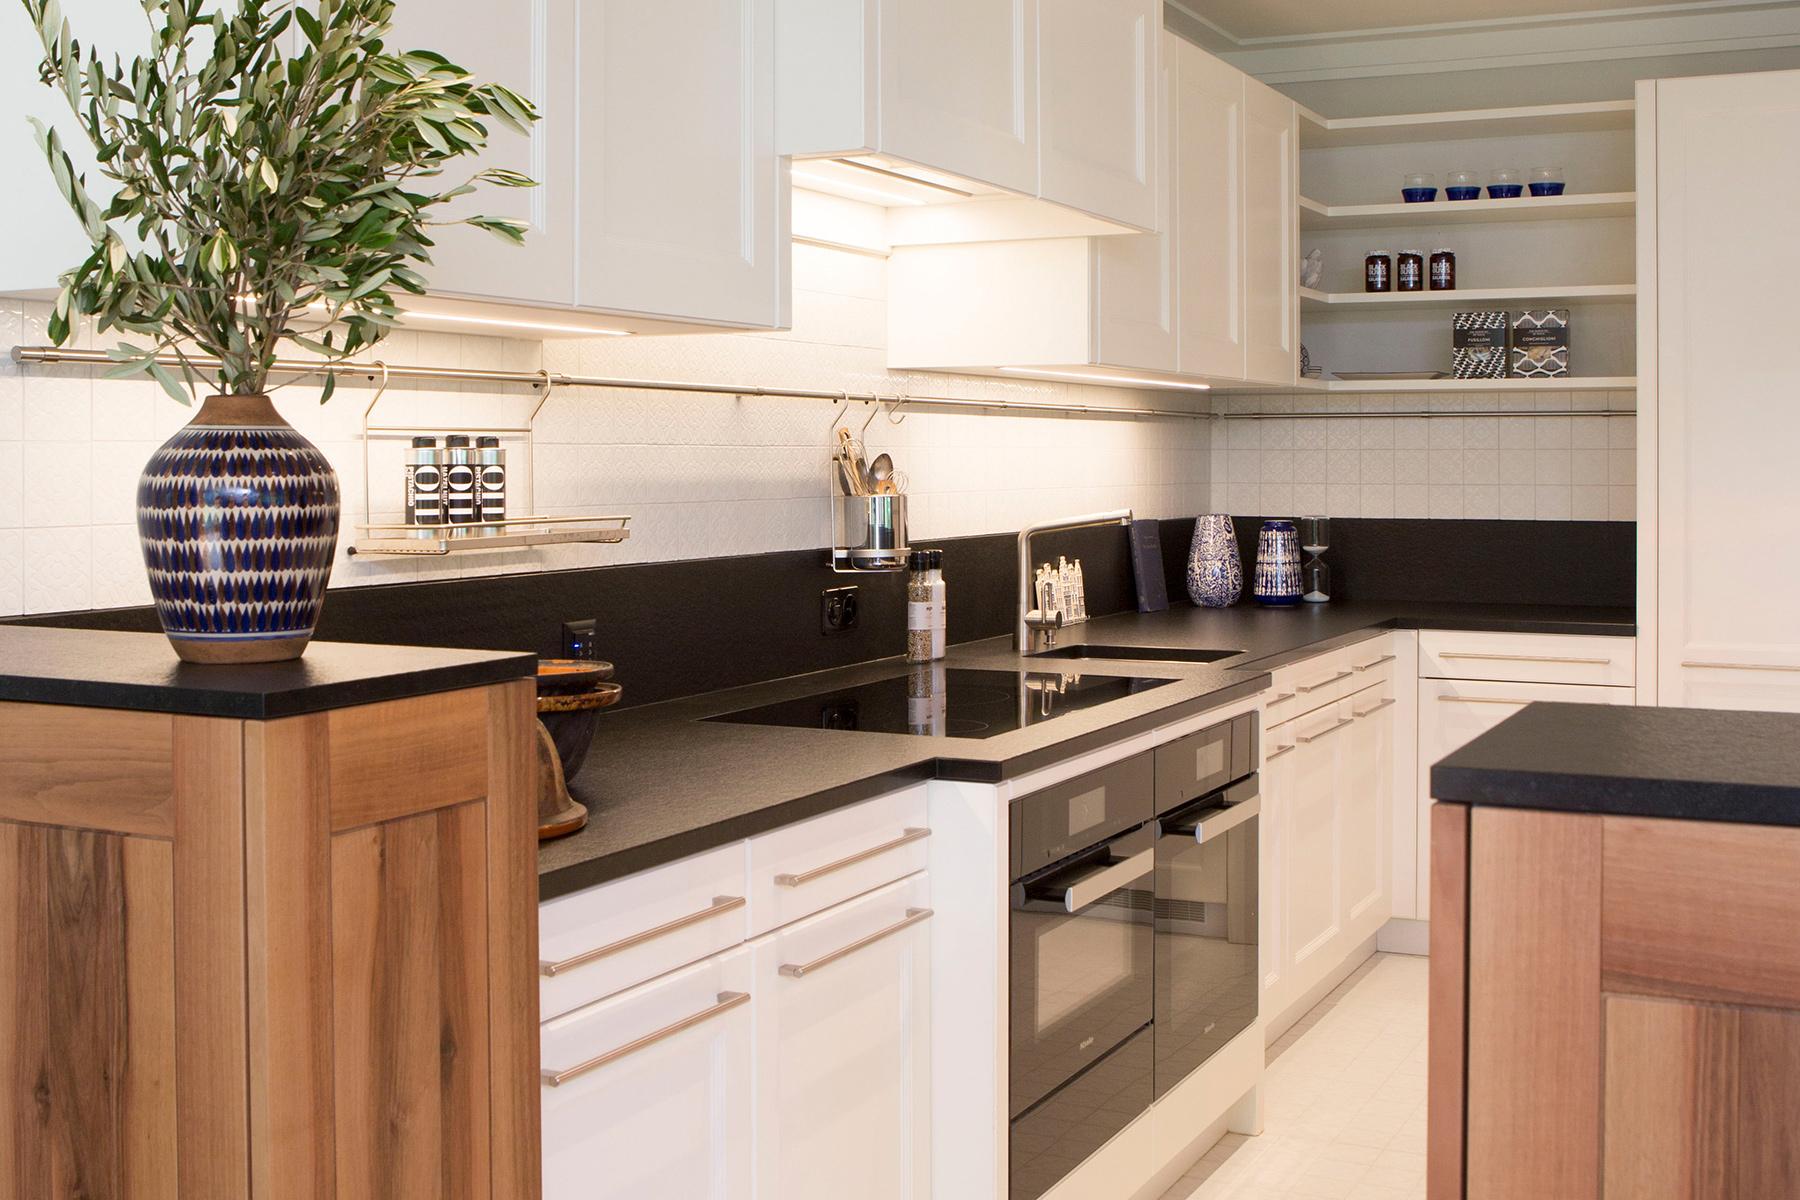 Klassische Landhausküche, modern interpretiert. Kubus besteht aus Elementen in Nussbaumholz.